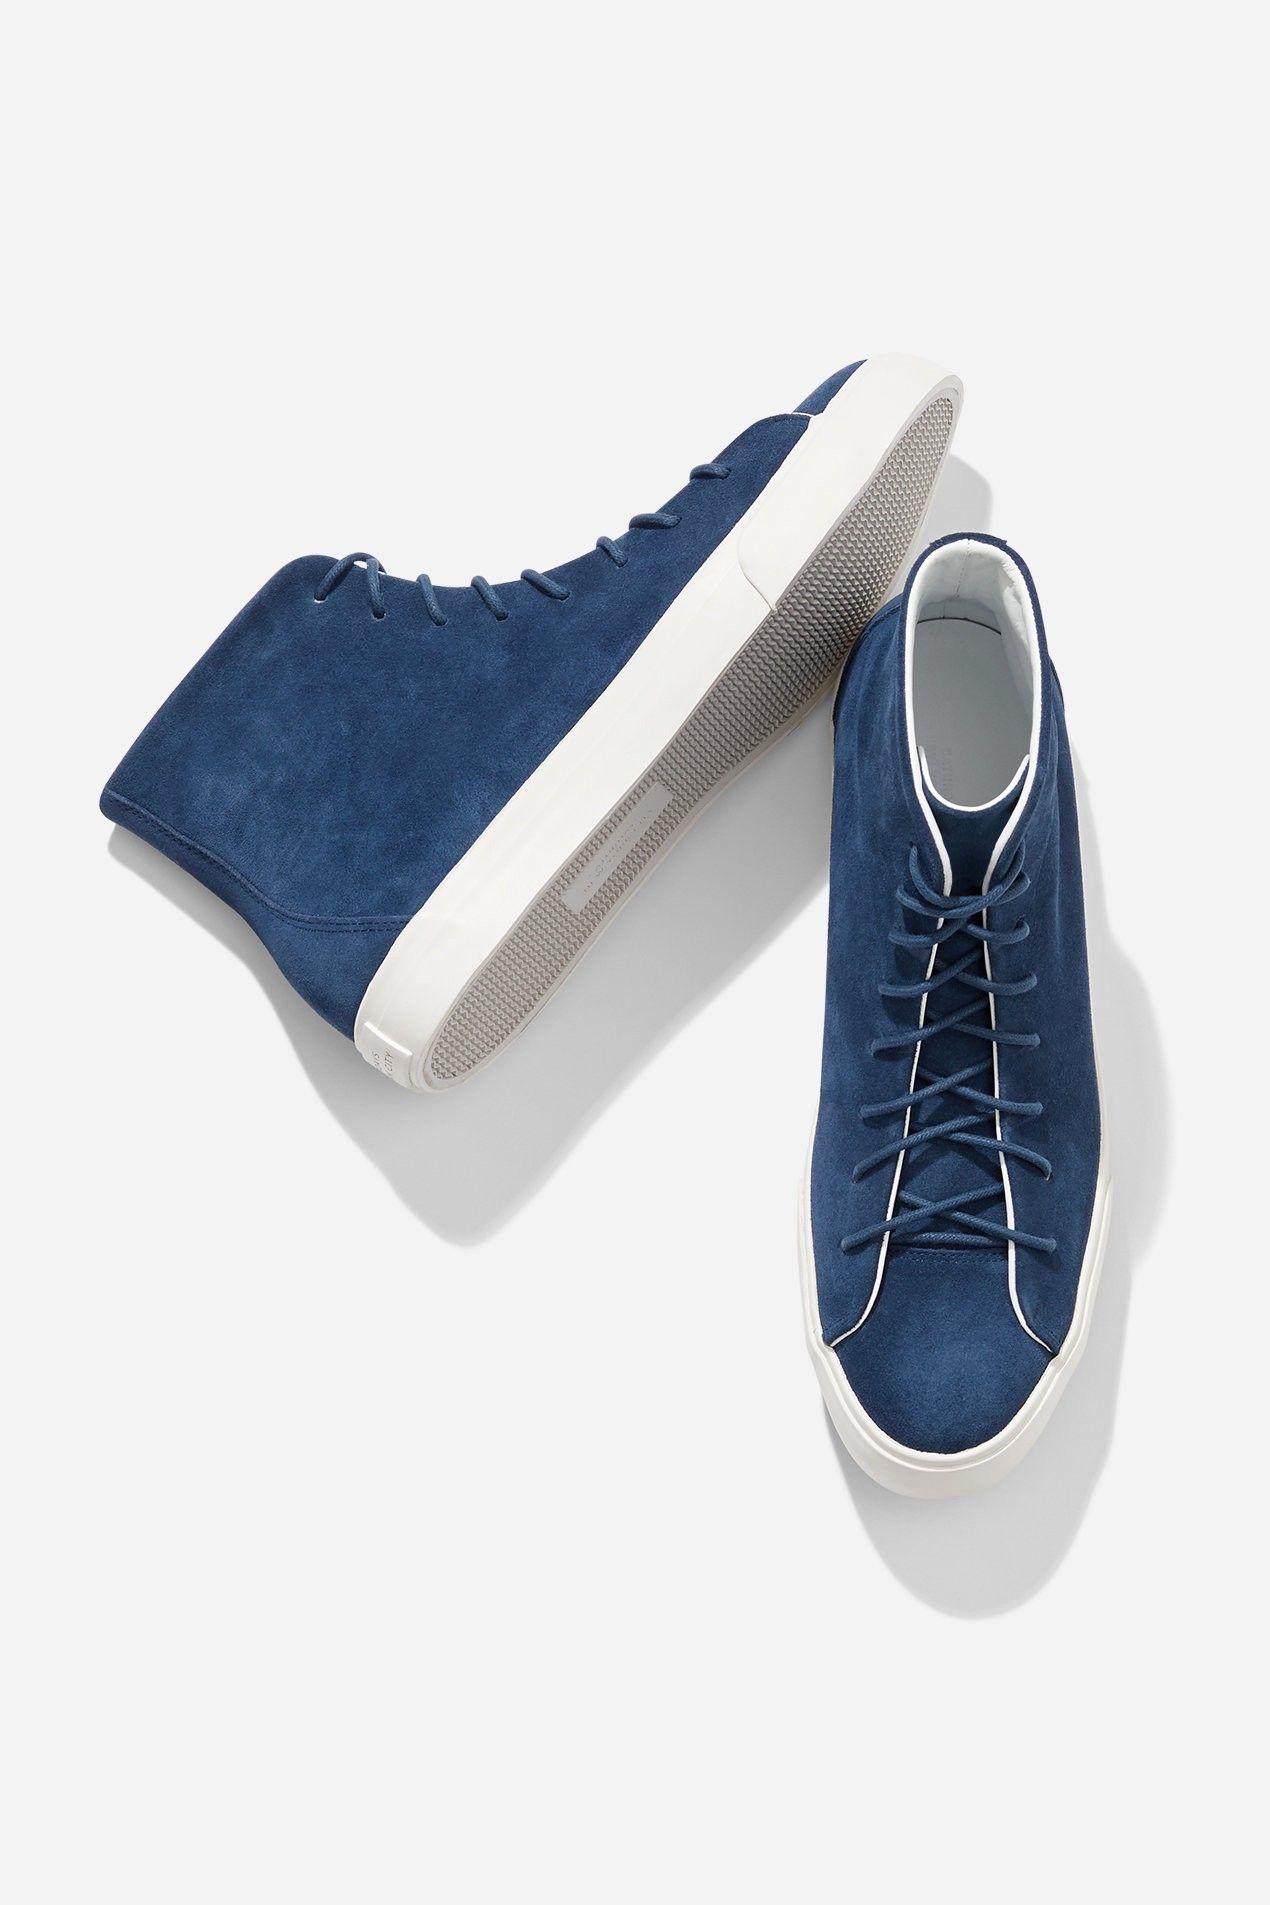 338d5e6e9ff Saturdays Nyc Mike High Suede Sneaker Cobalt - 8.5 in 2019 ...